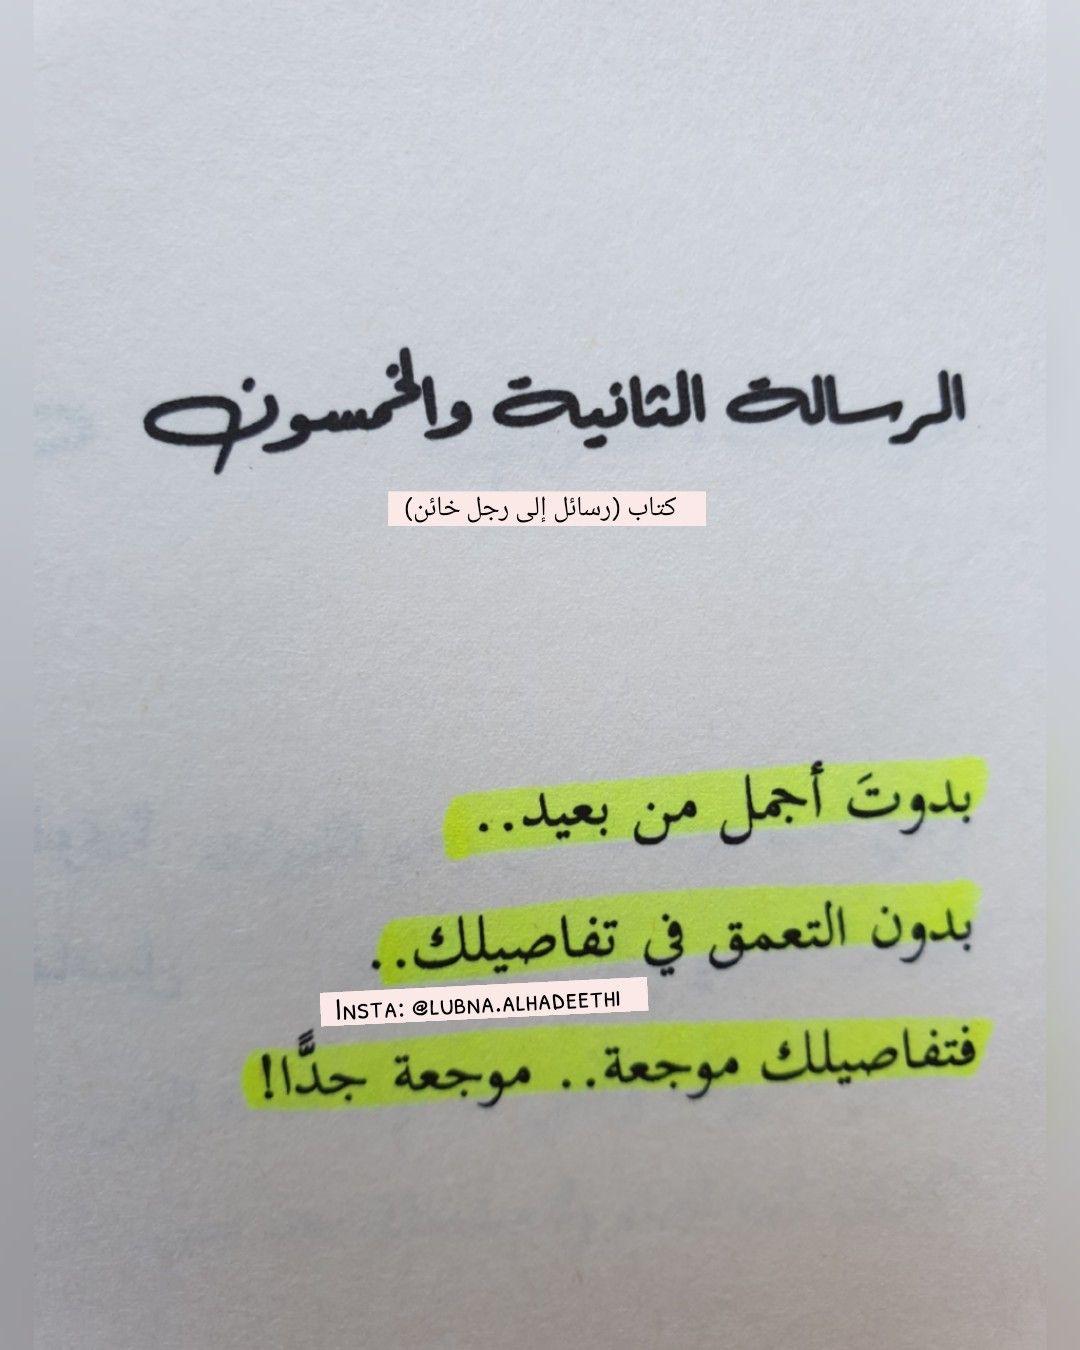 رسائل خيانة رجل حب لبنى الحديثي كلمات كلماتي اقتباسات اقتباس كتب تمبلريات Me Quotes Quotes Sayings